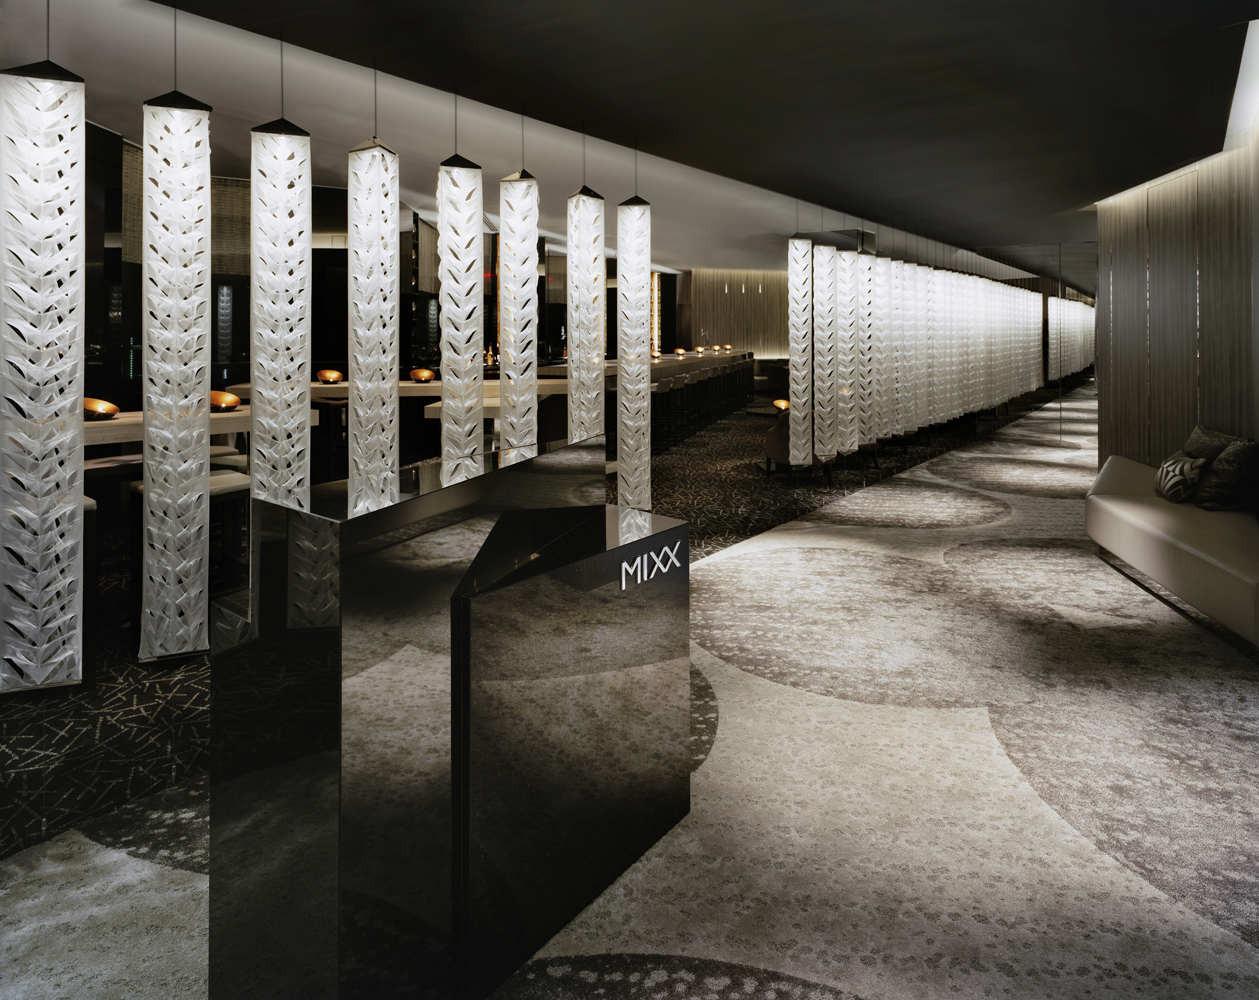 MIXX Bar & Lounge / Curiosity, © Nacasa & Partners